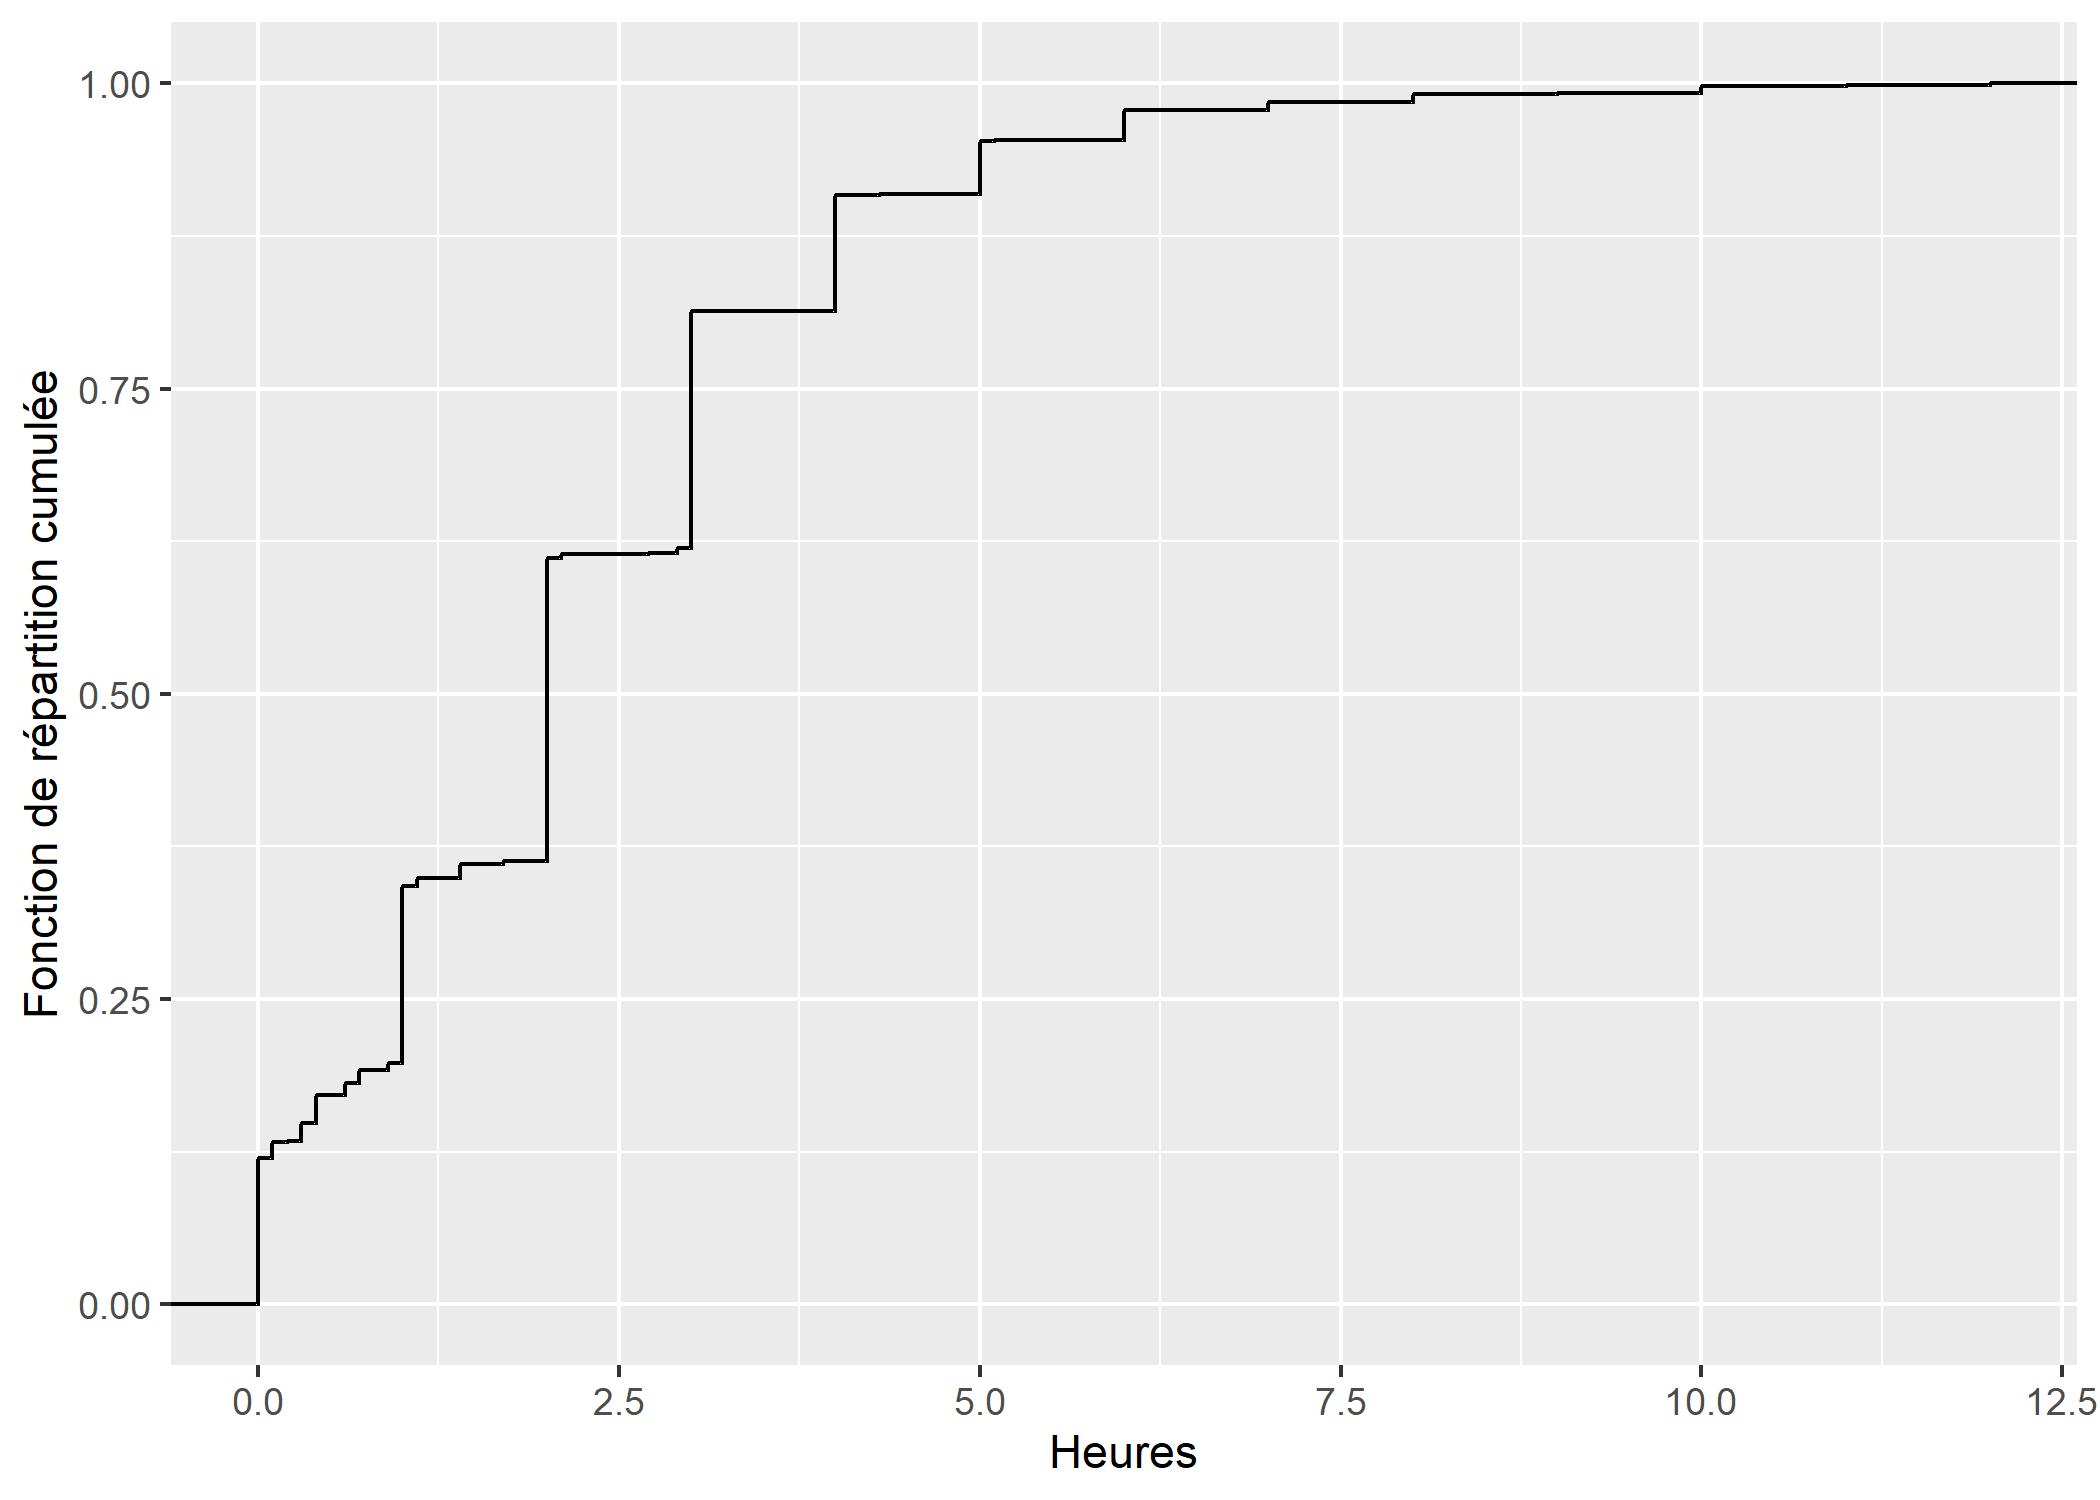 histogrammes accolés échelles différentes